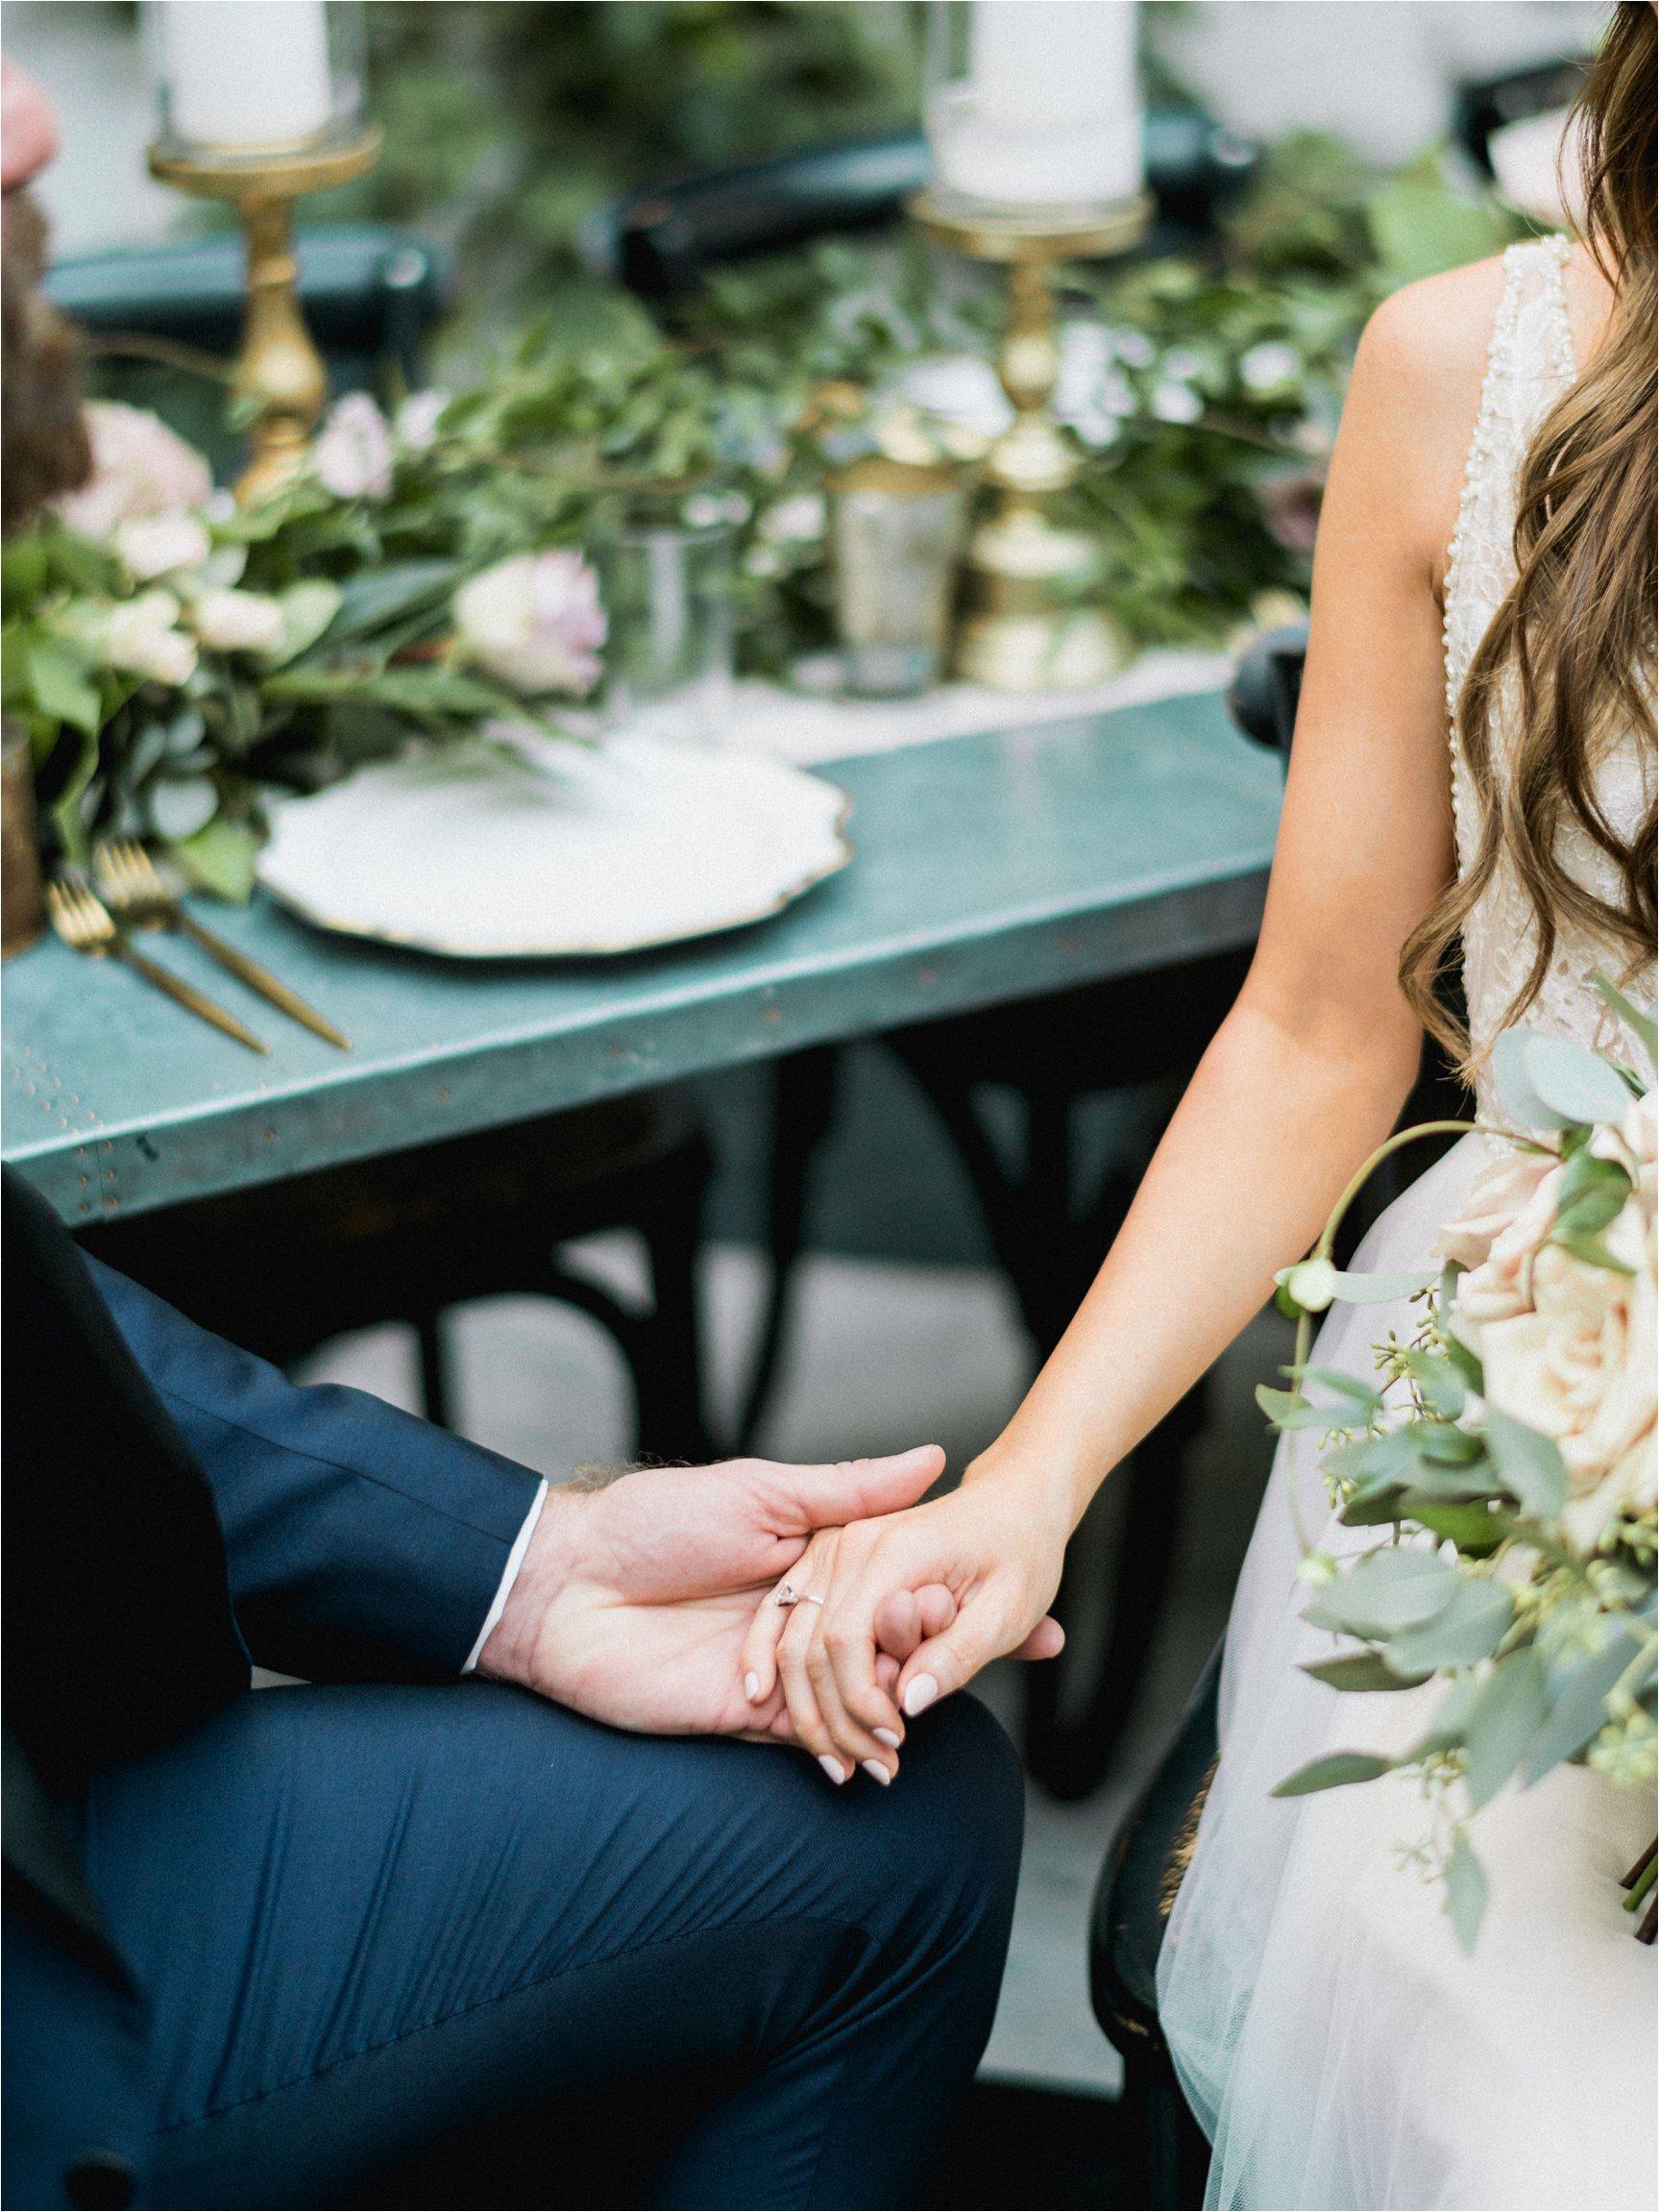 Oxford_Exchange_Wedding_Tampa137.JPG